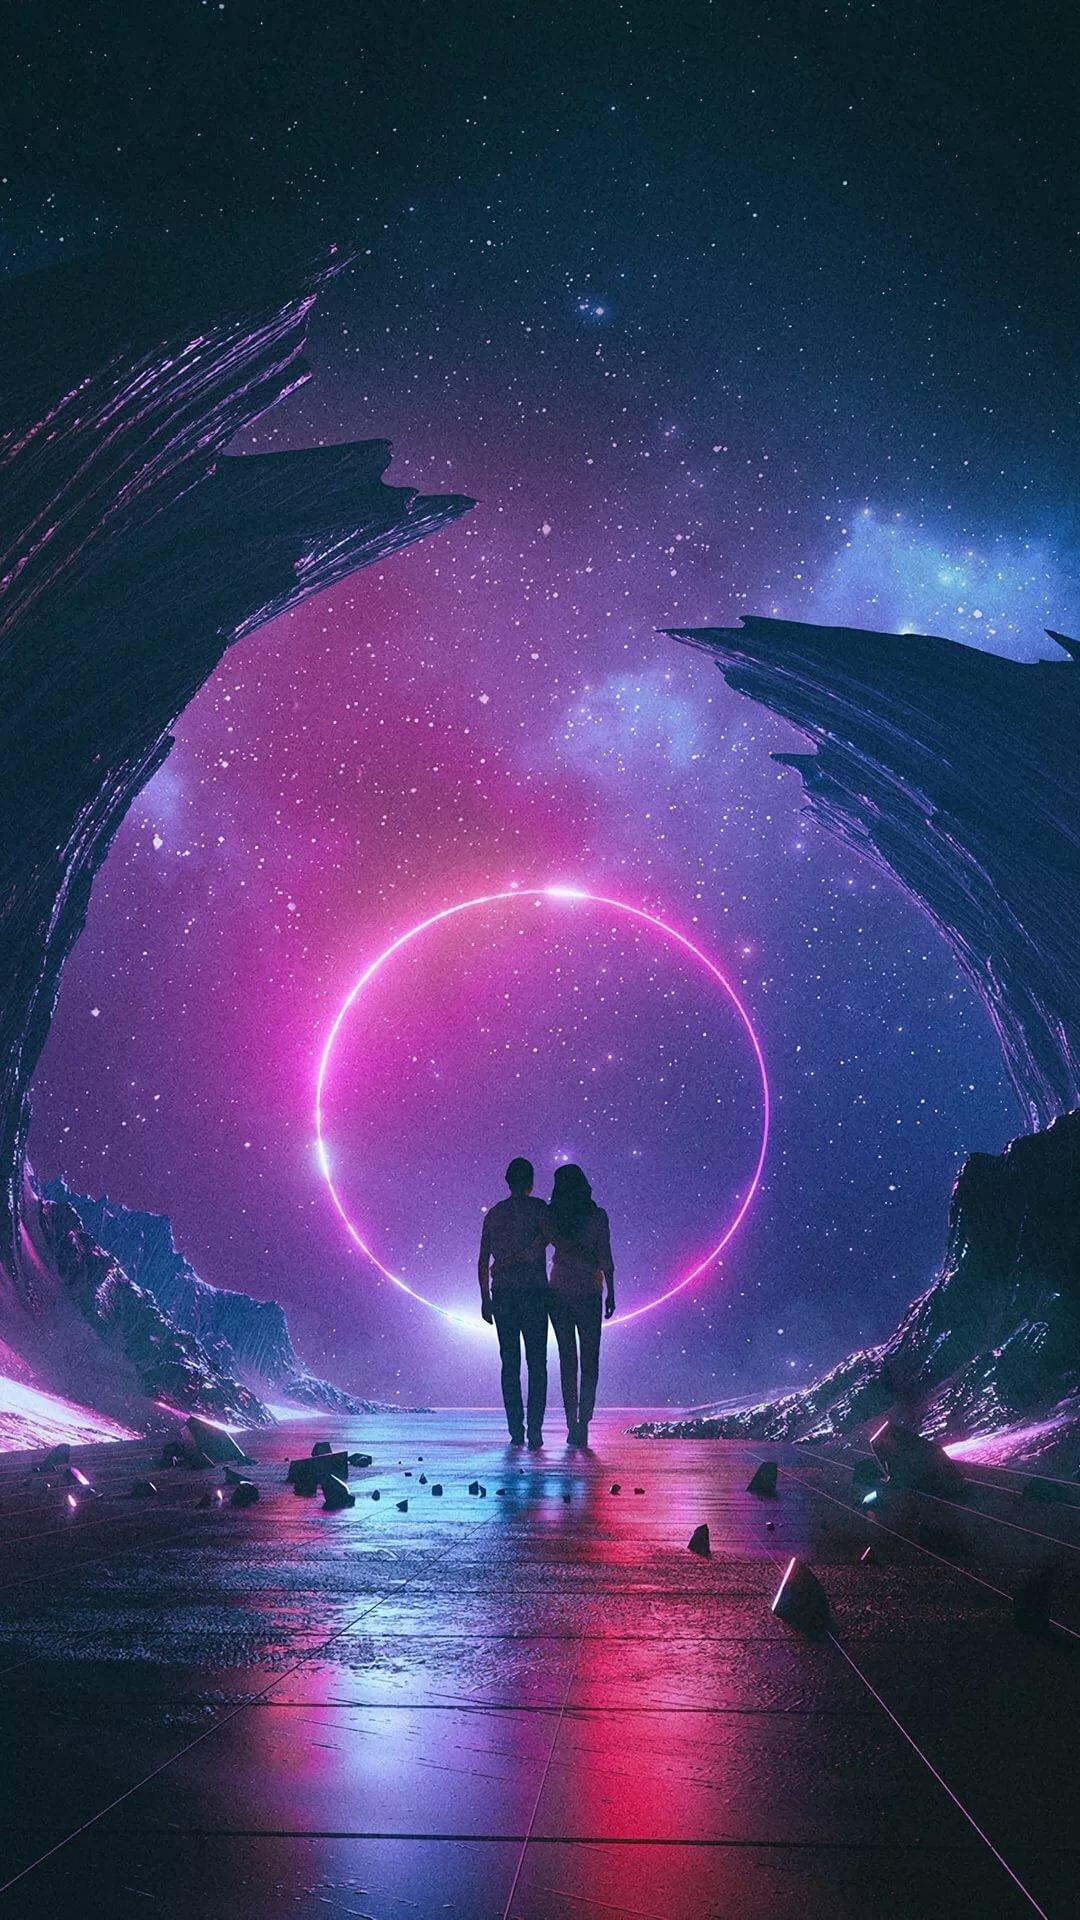 этом космос для двоих картинки после